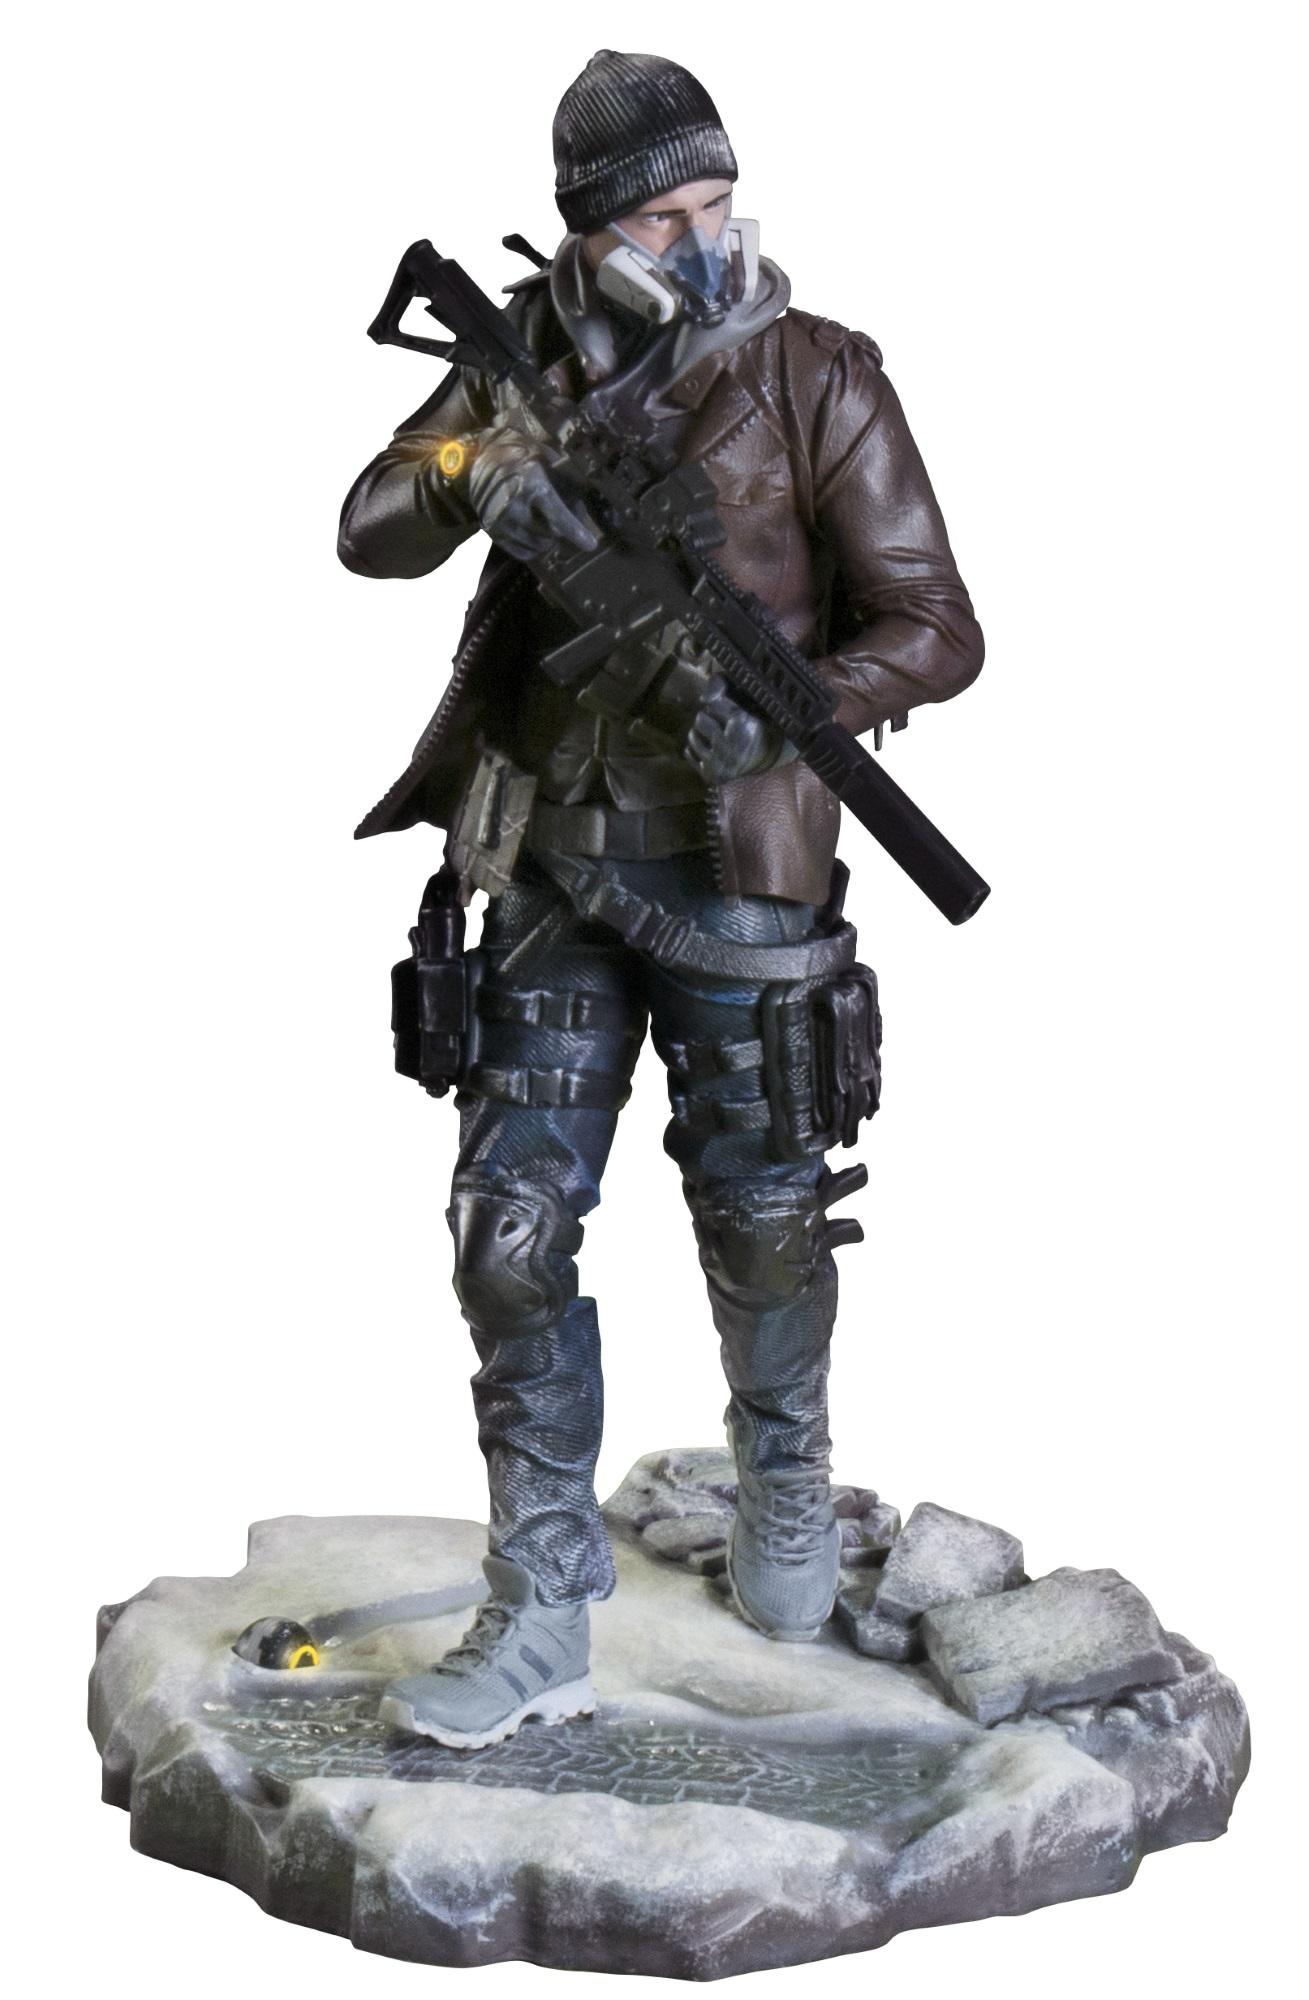 Фигурка Tom Clancy's: The Division SHD AgentСобираем предварительные заказы на фигурку Tom Clancy's: The Division SHD Agent, изображающую агента Спецотряда в зимнем Нью-Йорке, охваченном разрушительной эпидемией. Закажите уже сейчас и получите 250 дополнительных бонусов на карту 1С Интерес<br>